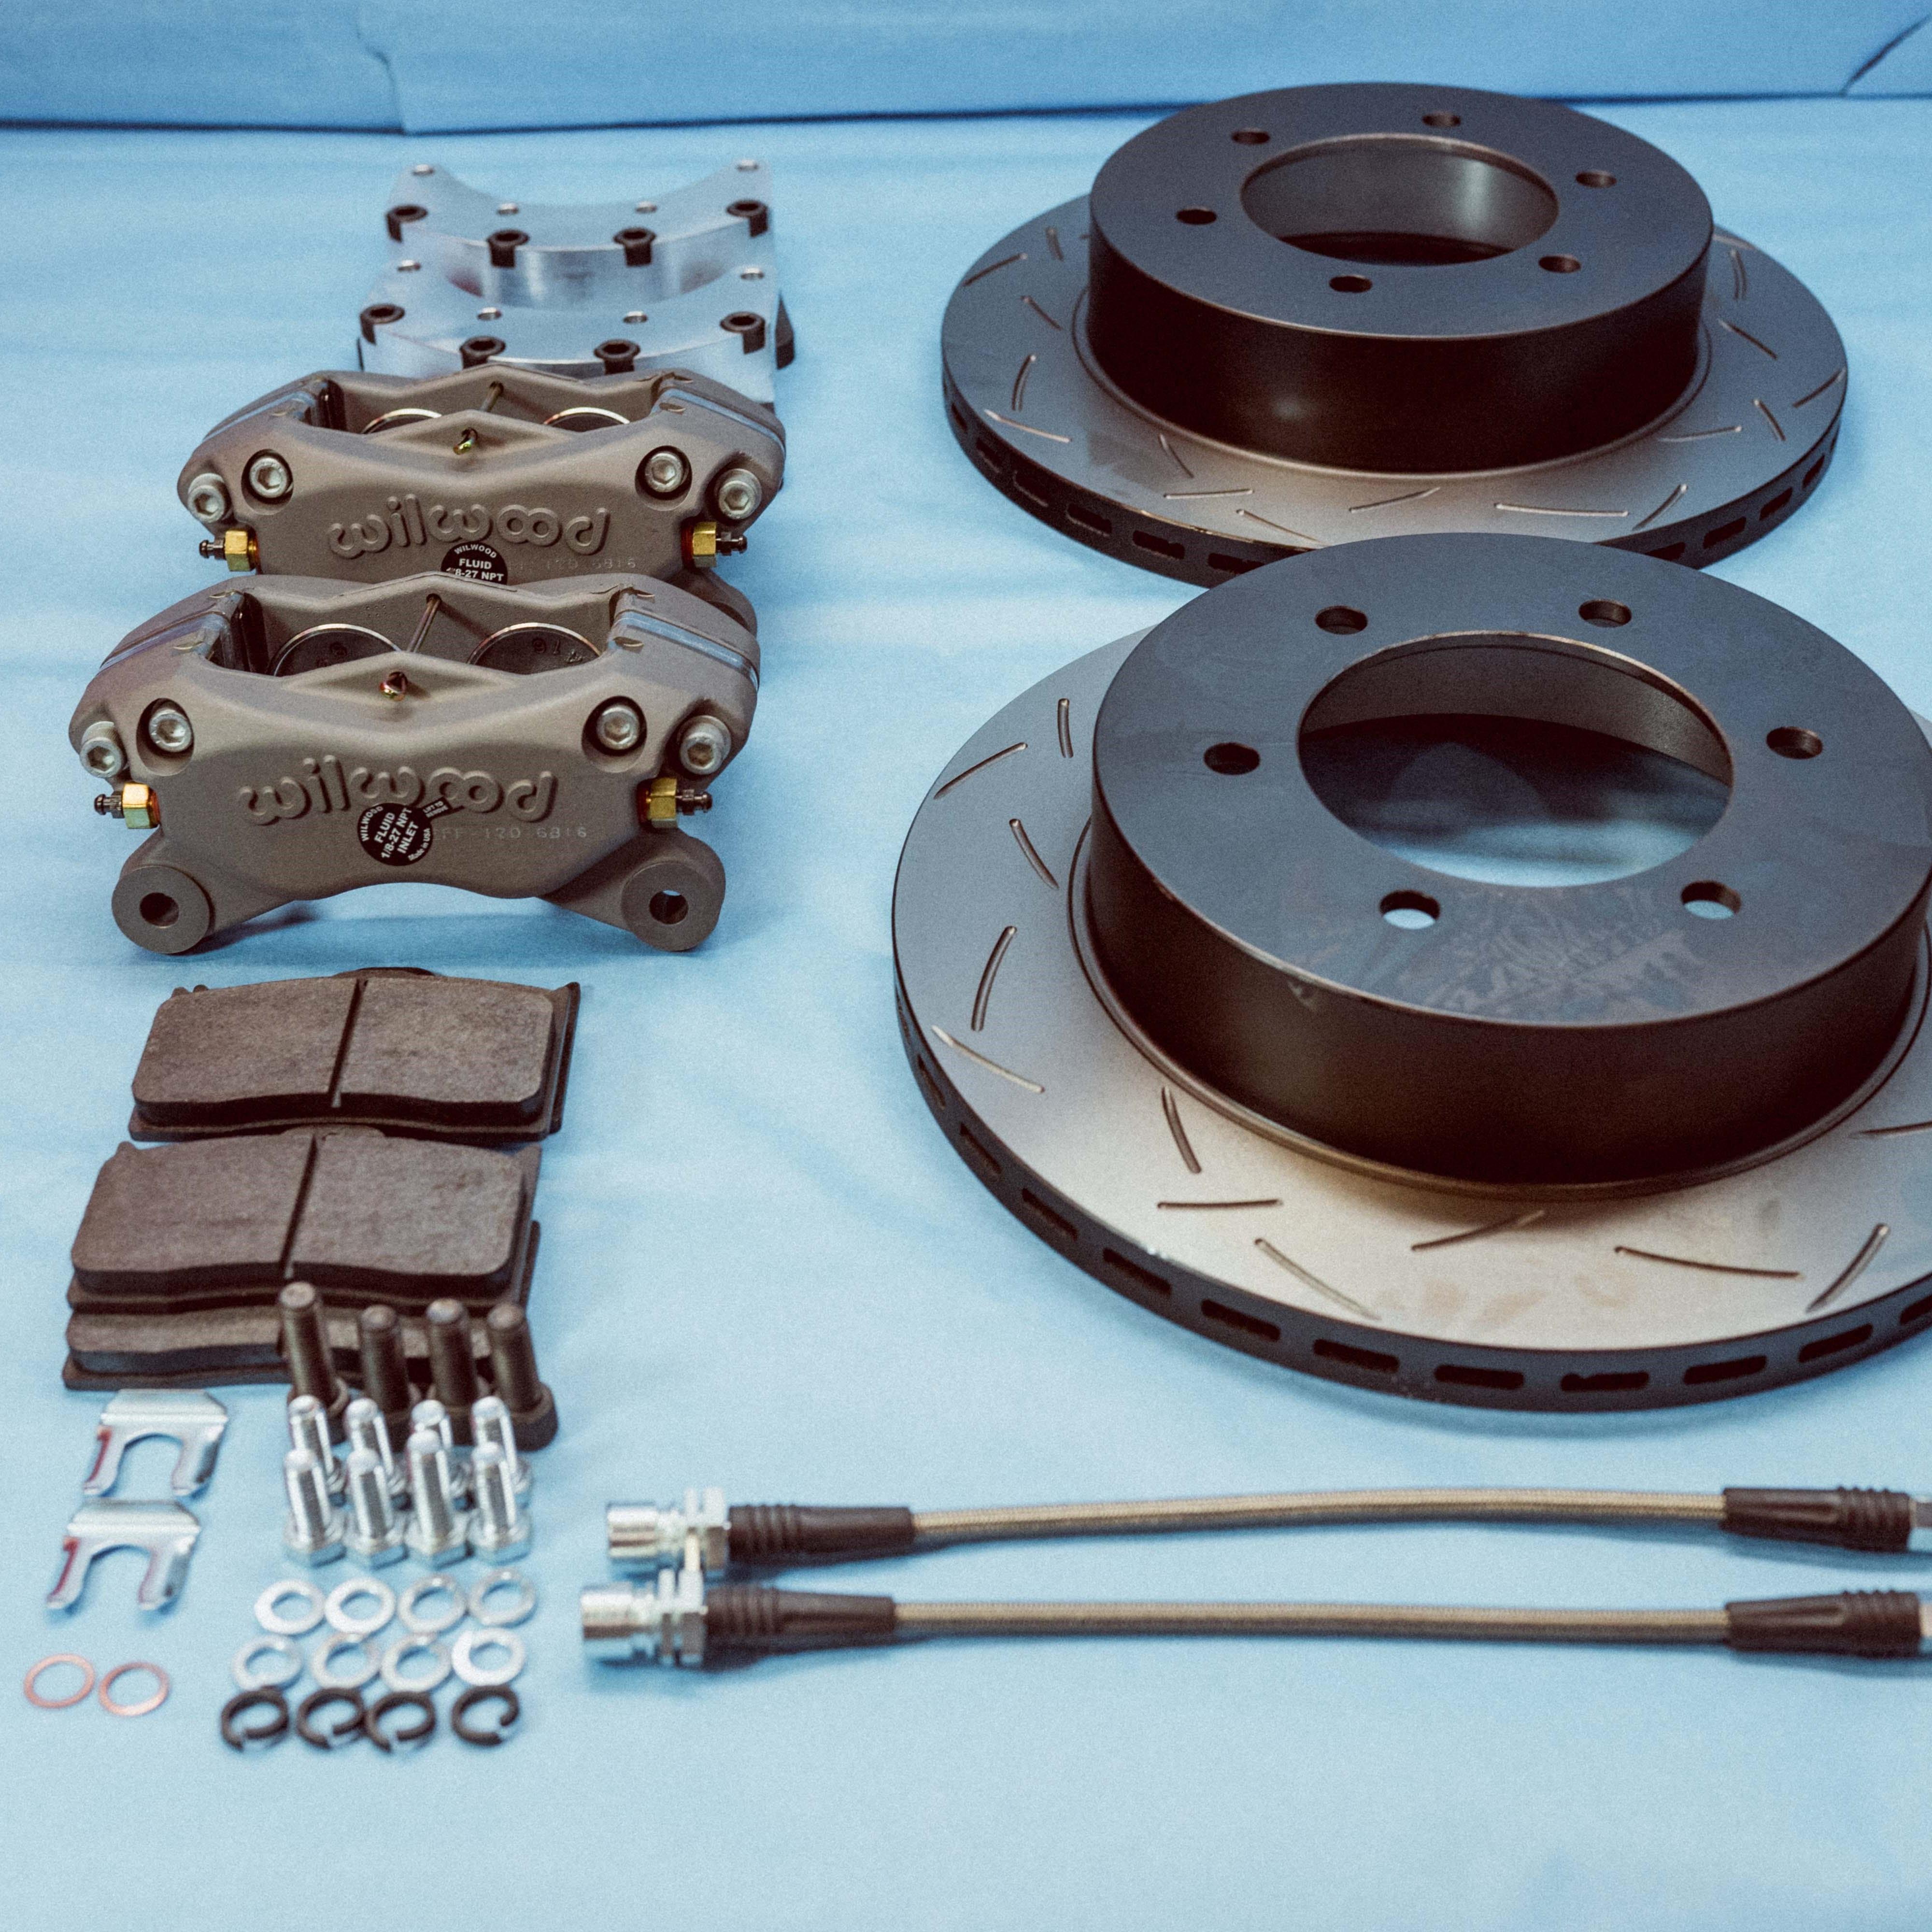 FJ40 FJ55 Disc Brake Conversion Kit Front 1970, 1971, 1972, 1973, 1974,  1975 SKU: 43512-FT40KIT-N